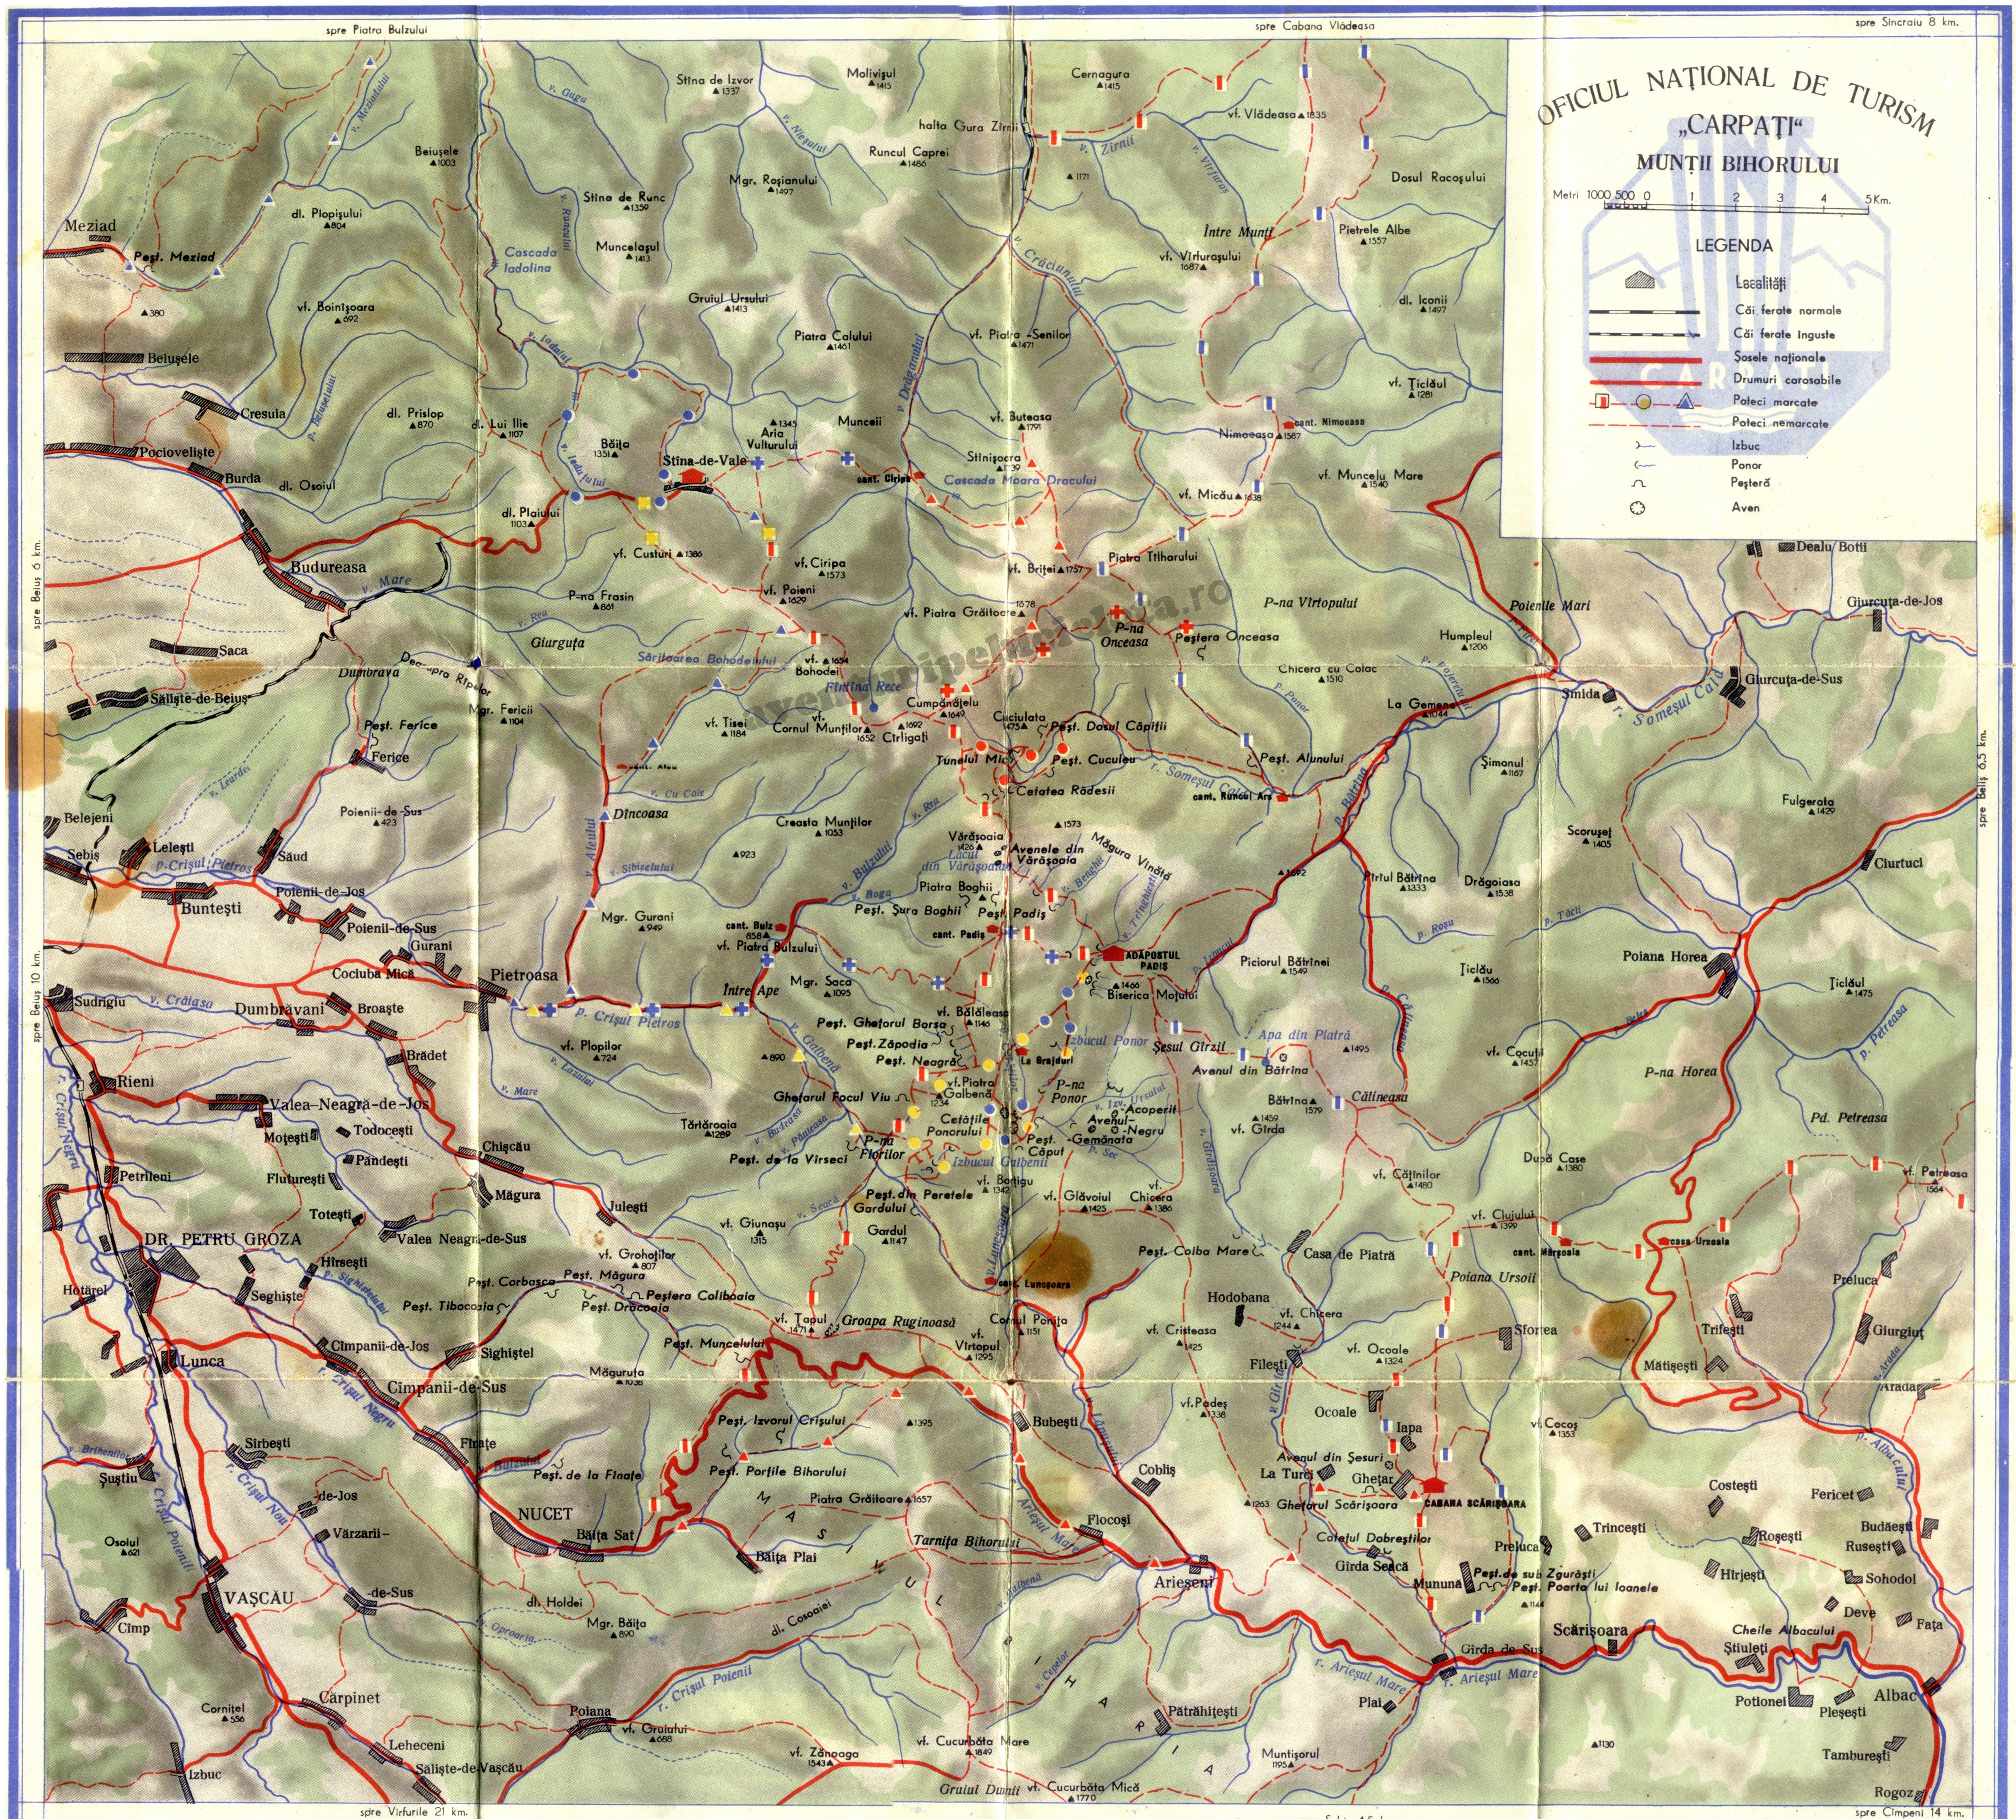 Harta Muntii Bihor